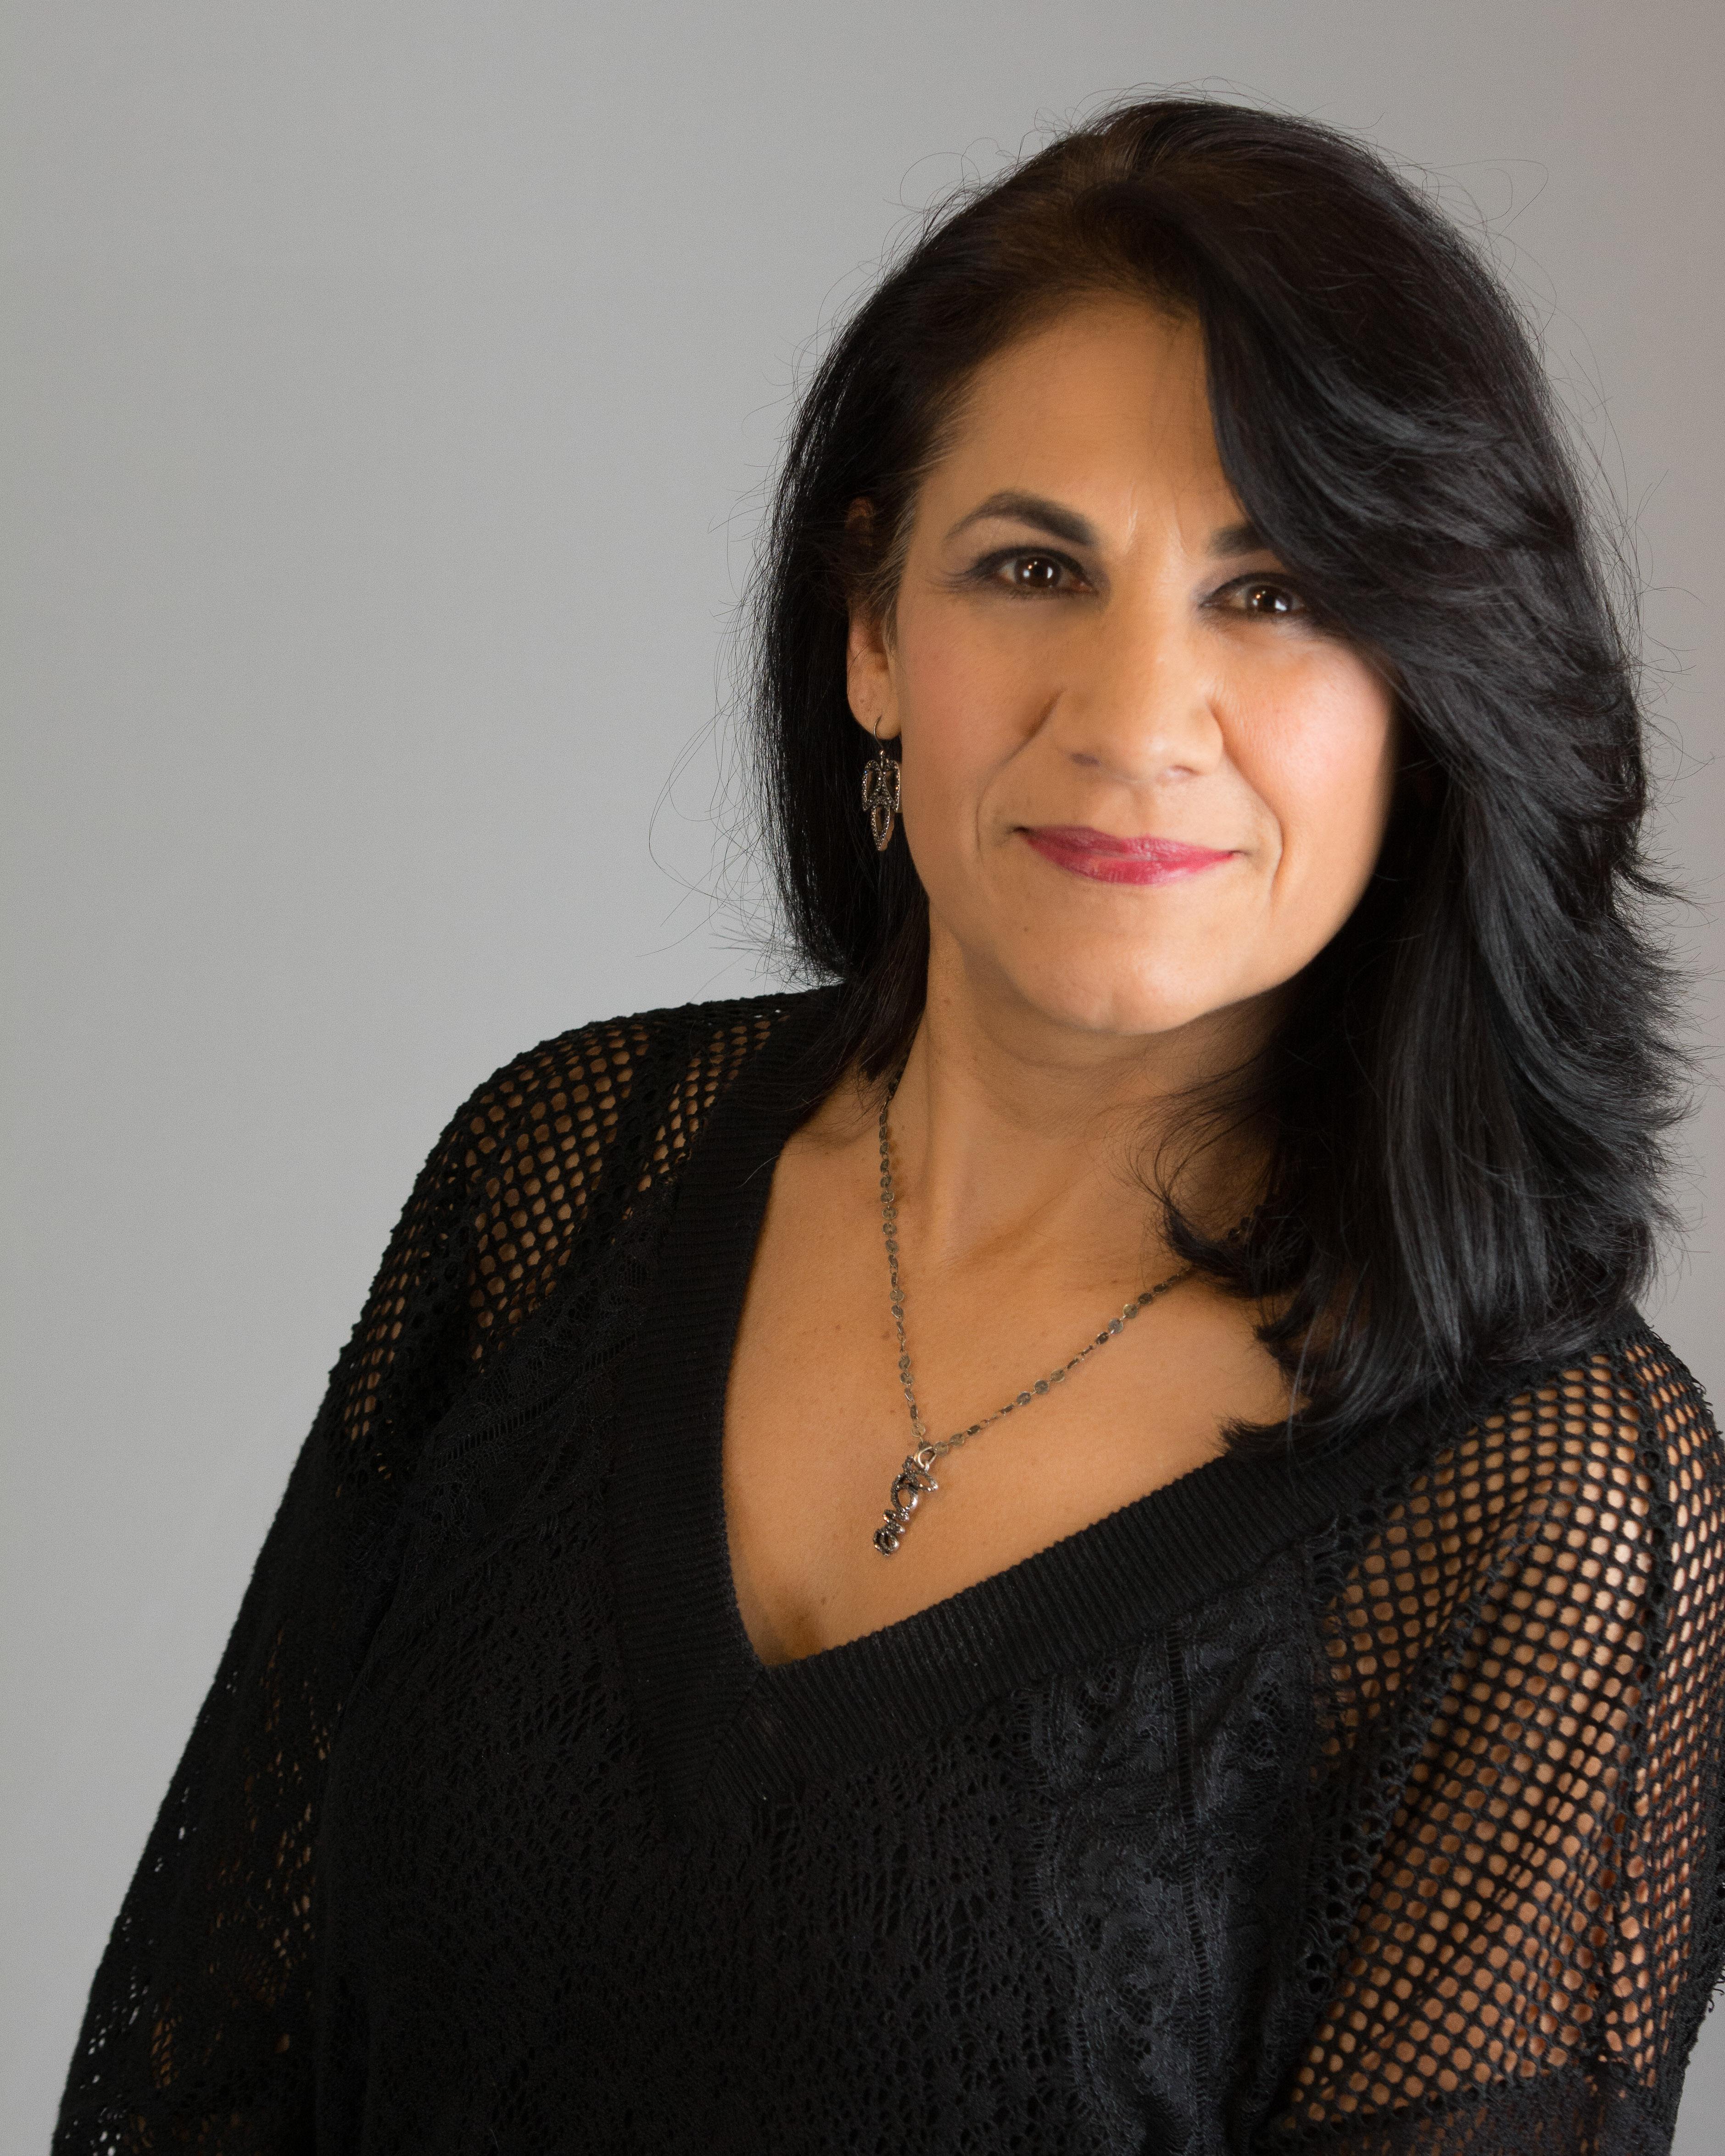 Vickie Resor